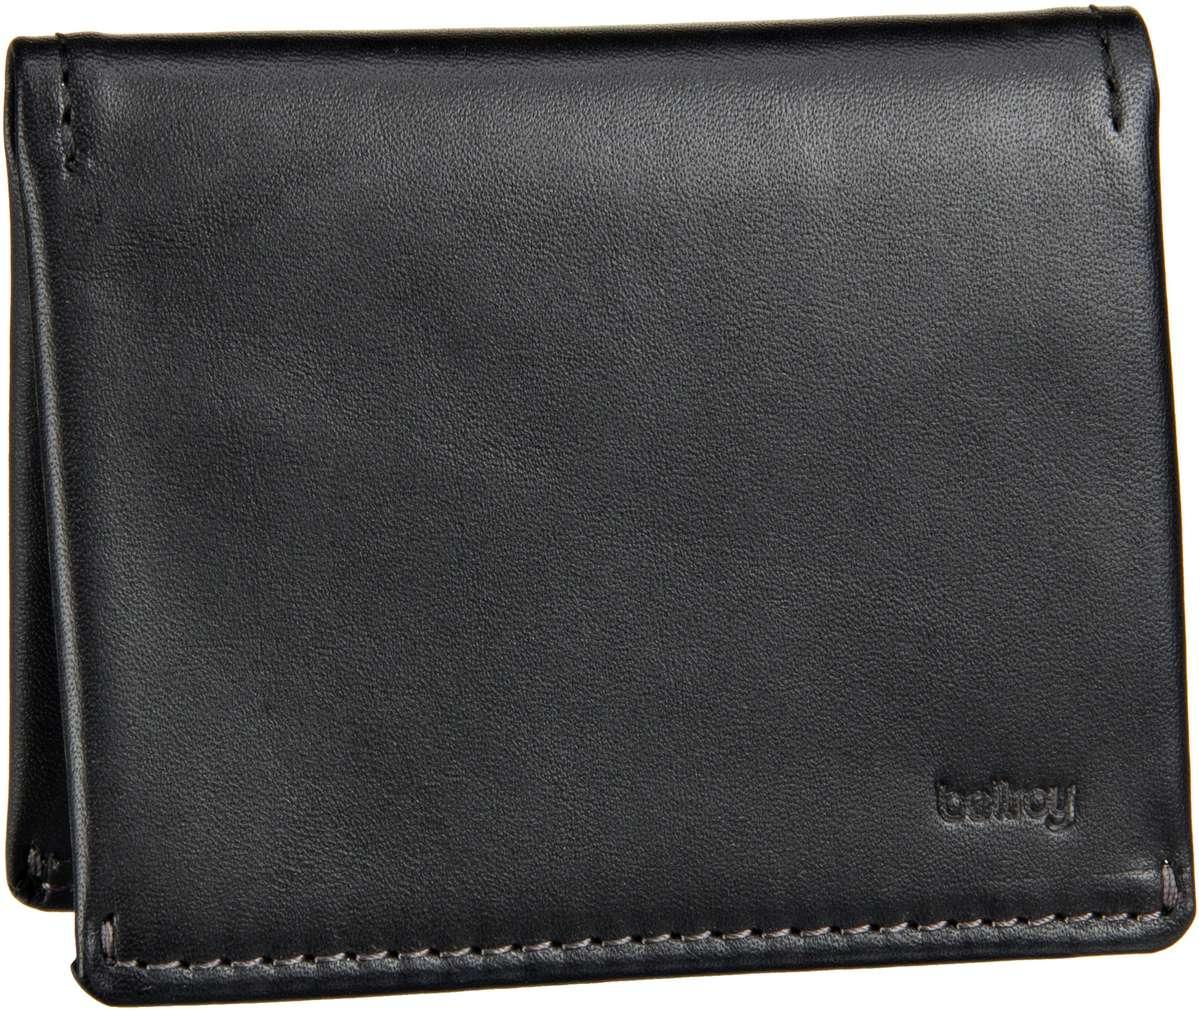 Bellroy Slim Sleeve Black - Brieftasche - broschei